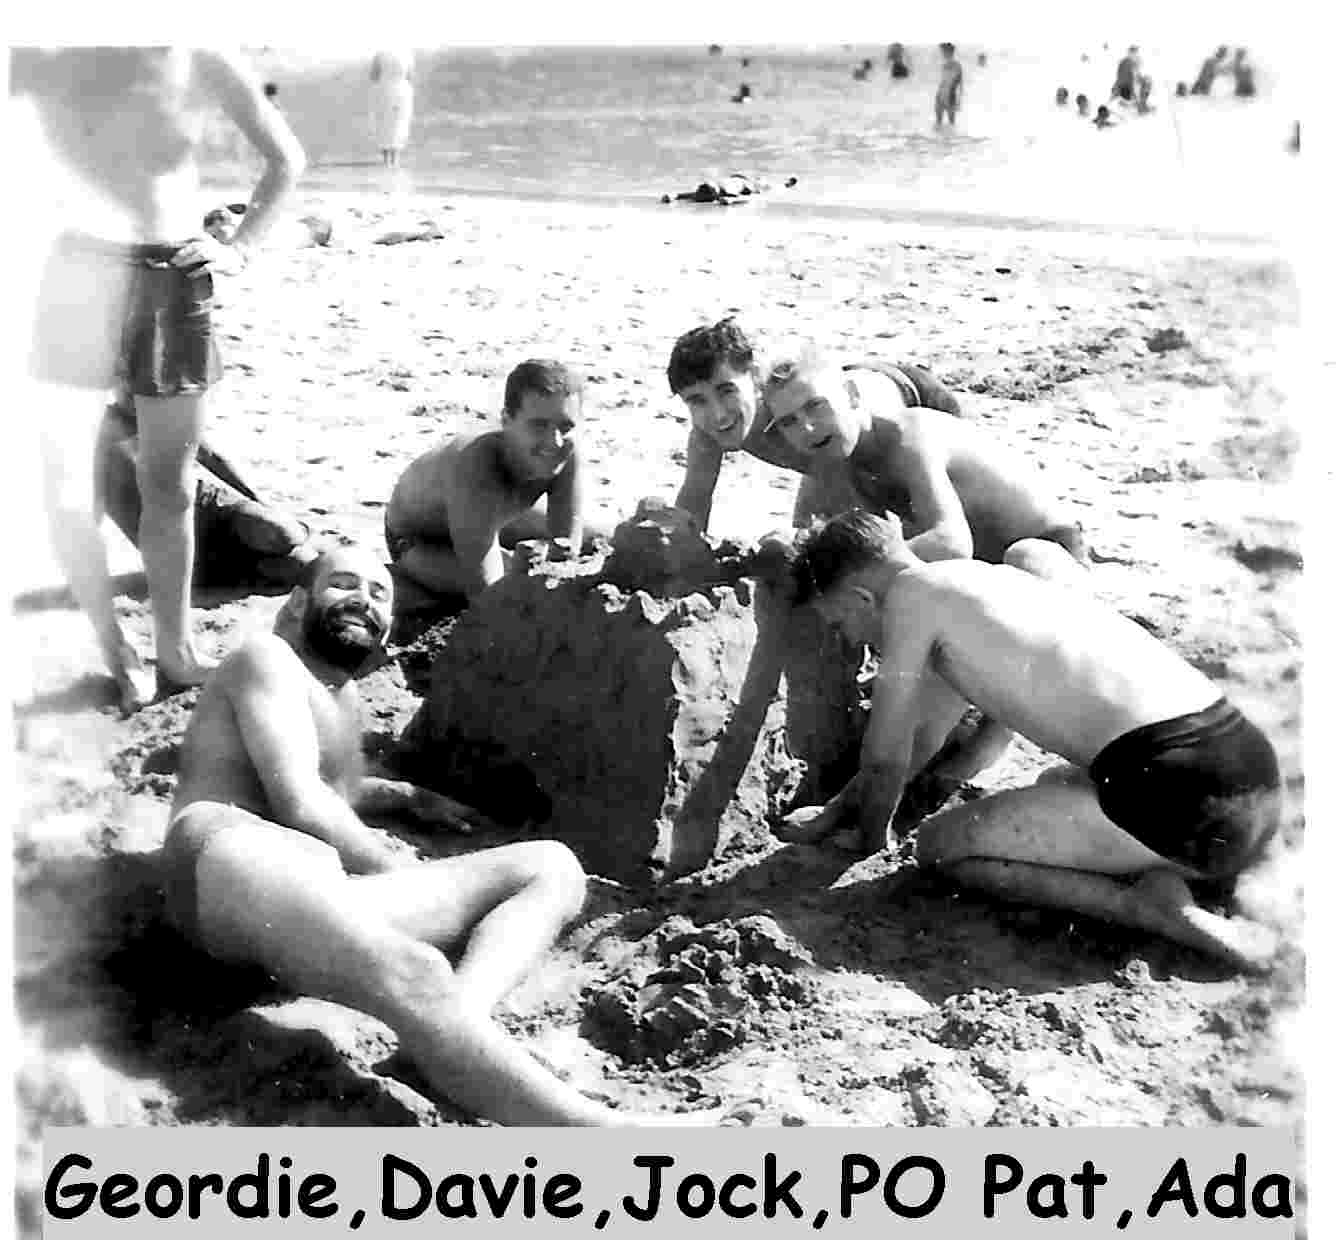 Geordie,Davey,Jock,PO Pat. Aden